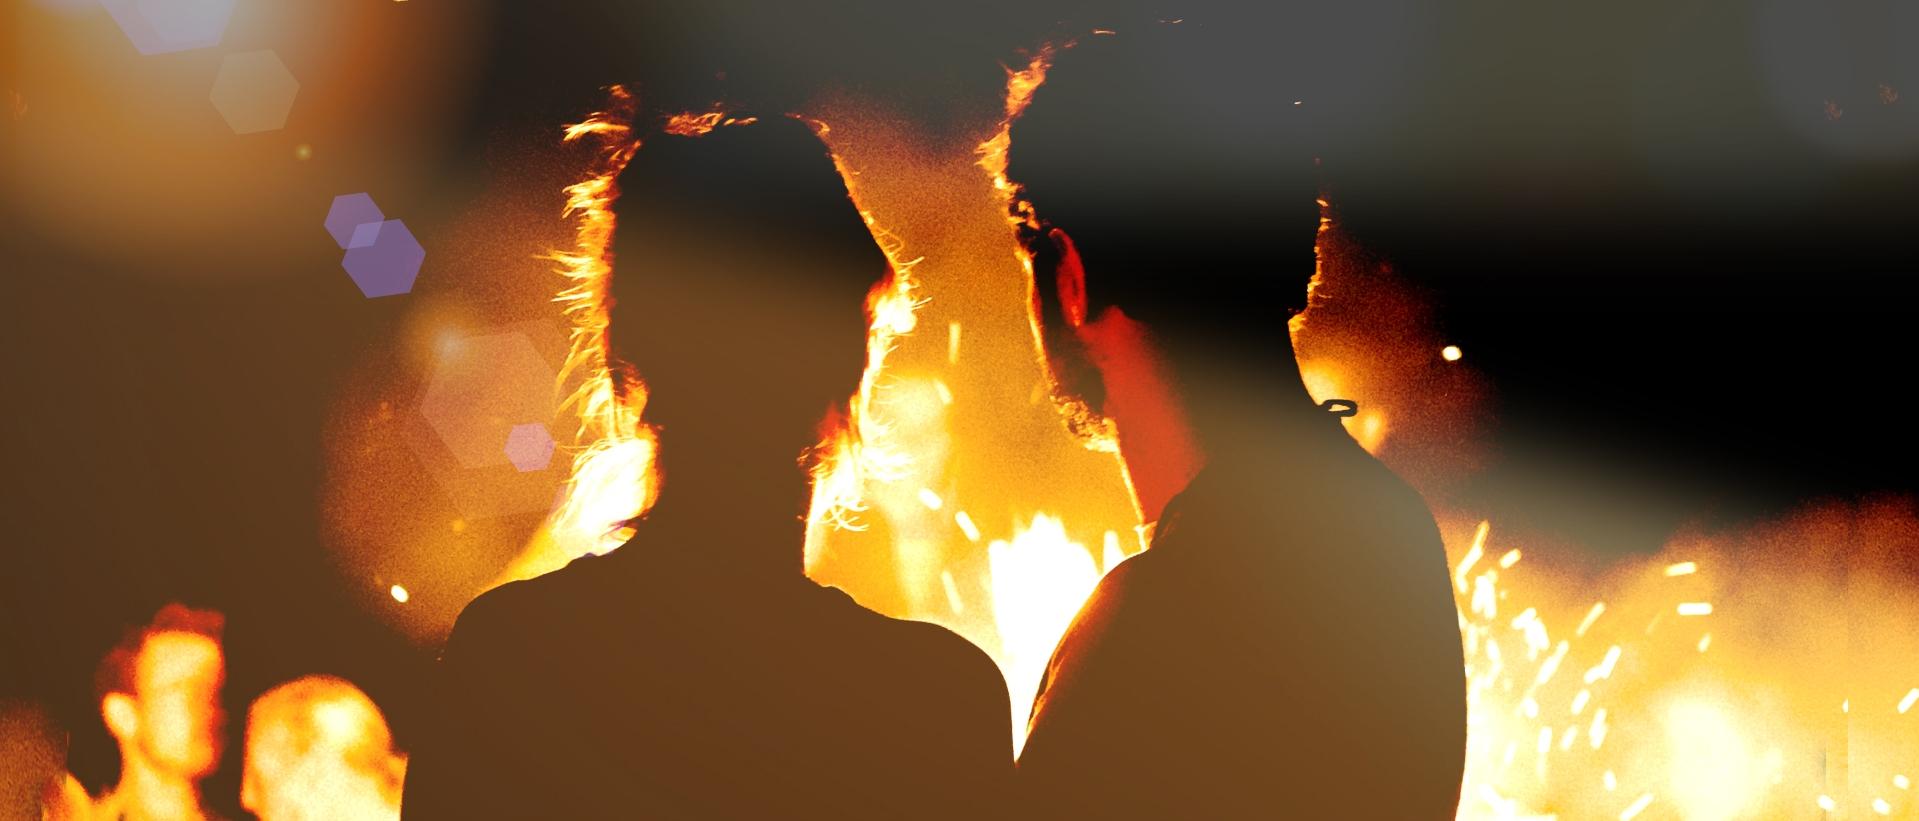 Thema Beziehung - Paar blickt ins Feuer